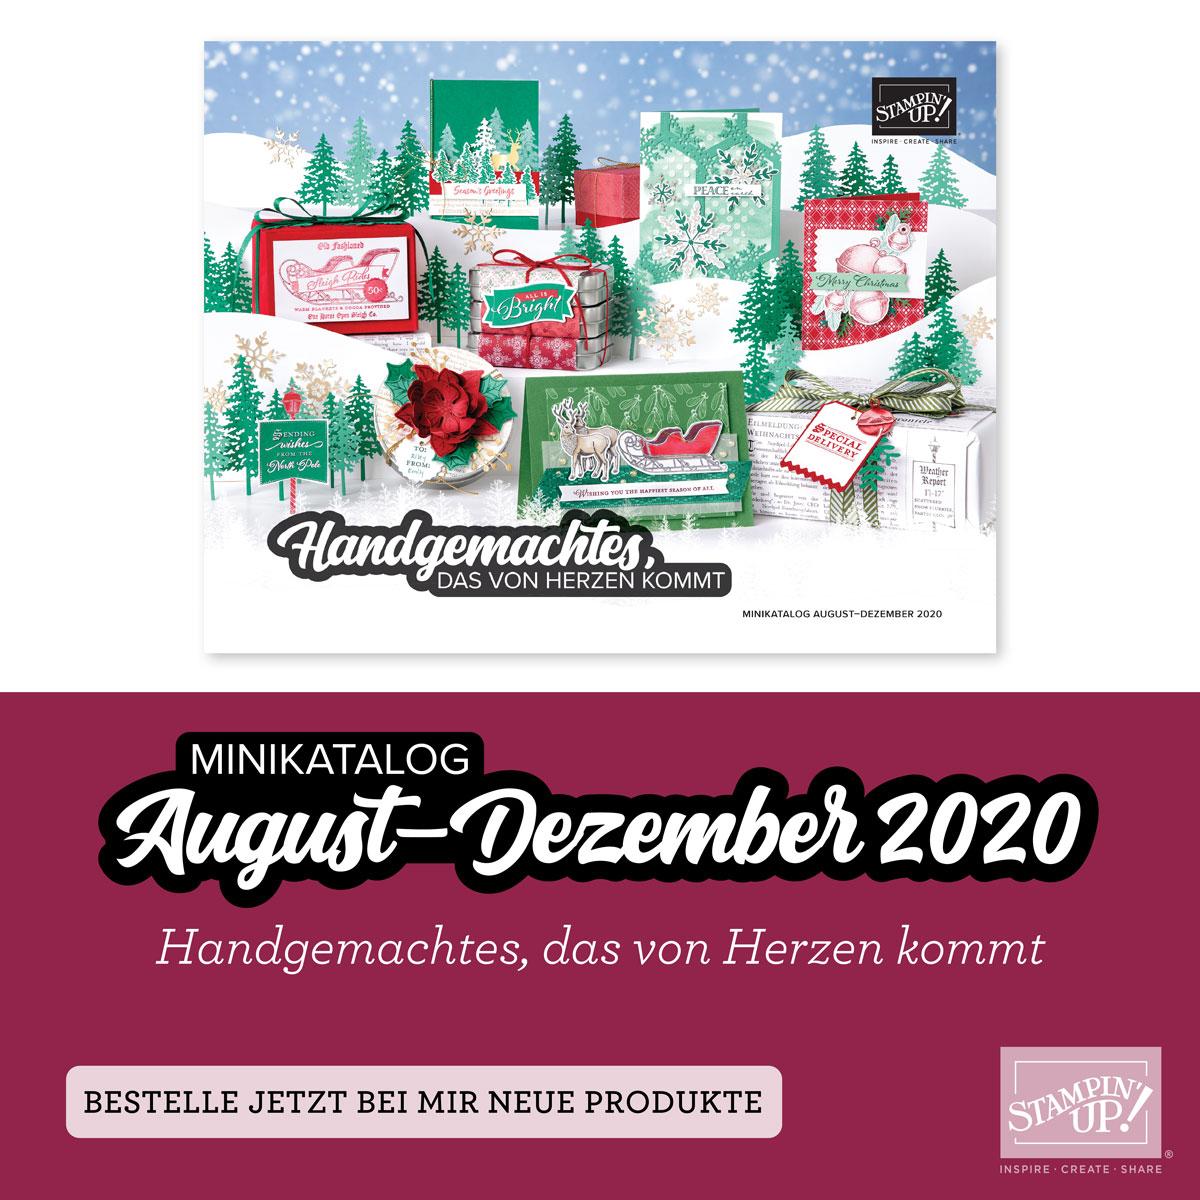 Herbst/Weihnachten 2020